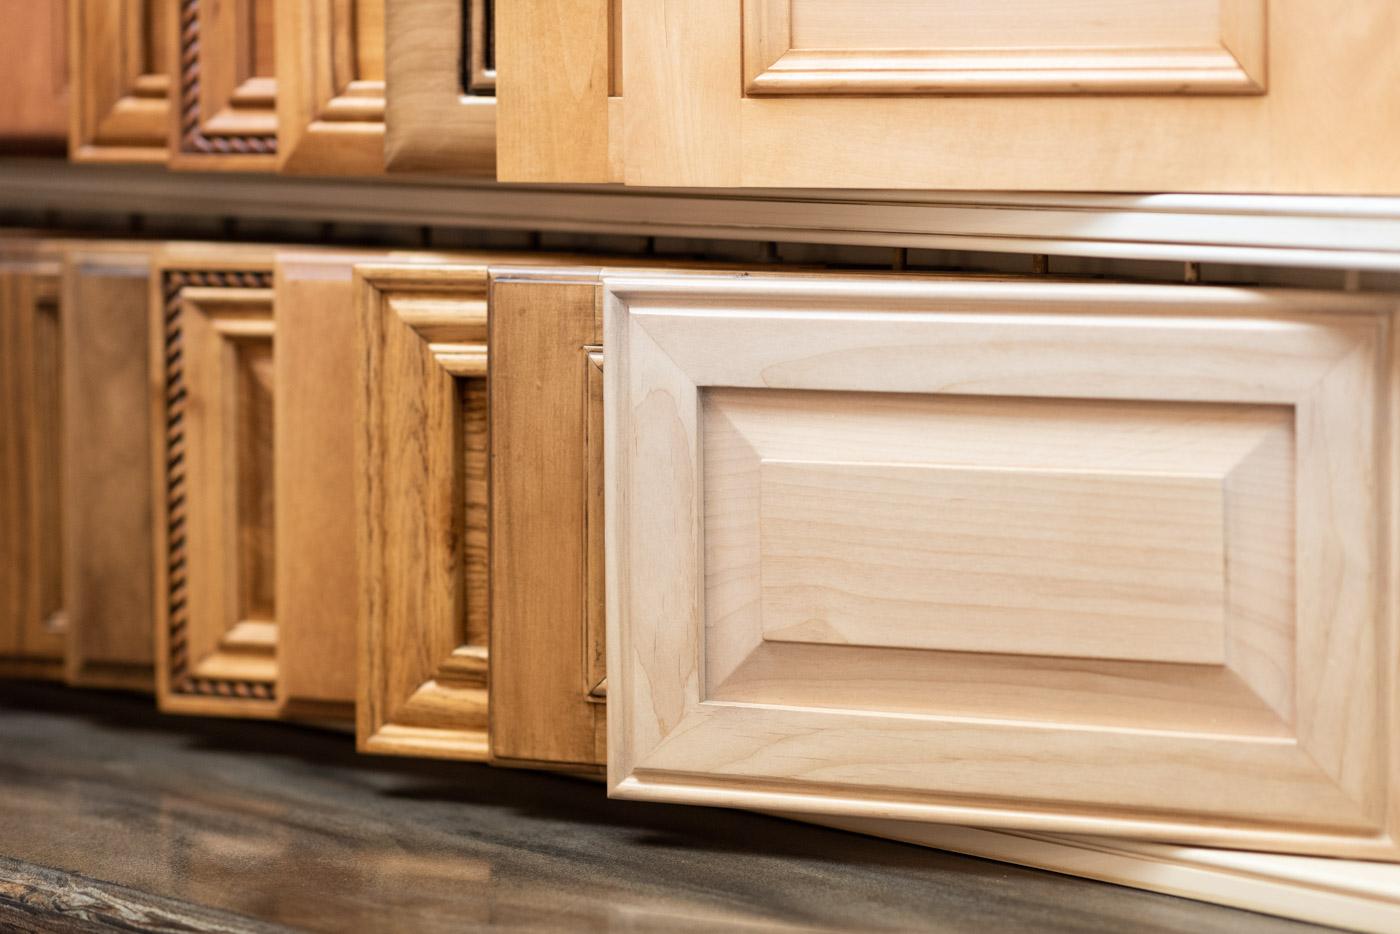 Cabinet door with edge detail